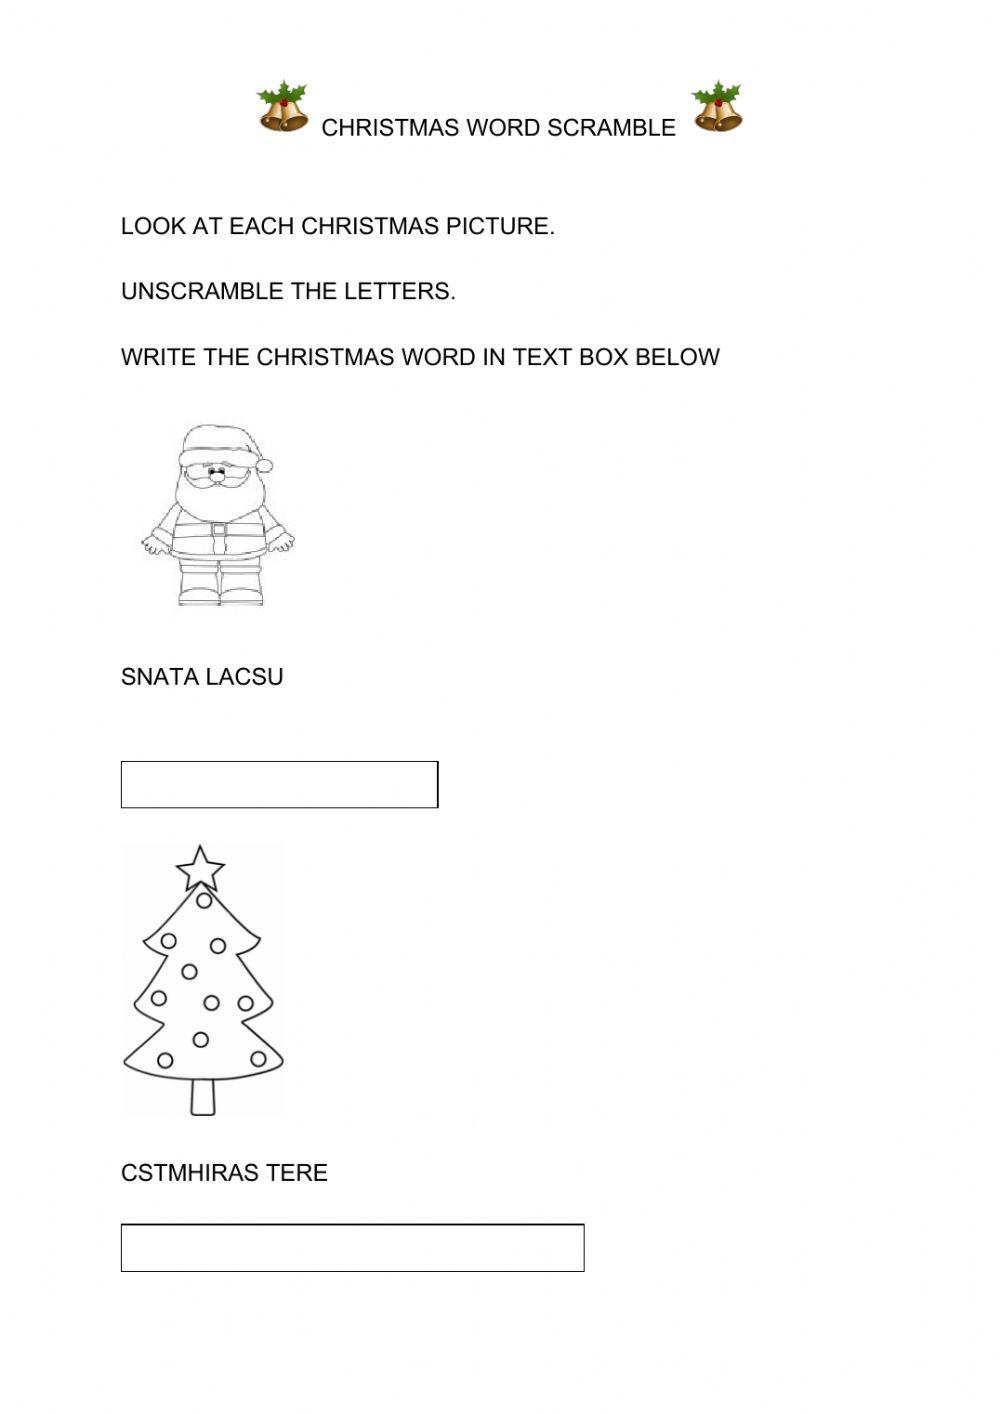 Christmas Word Scramble Worksheet